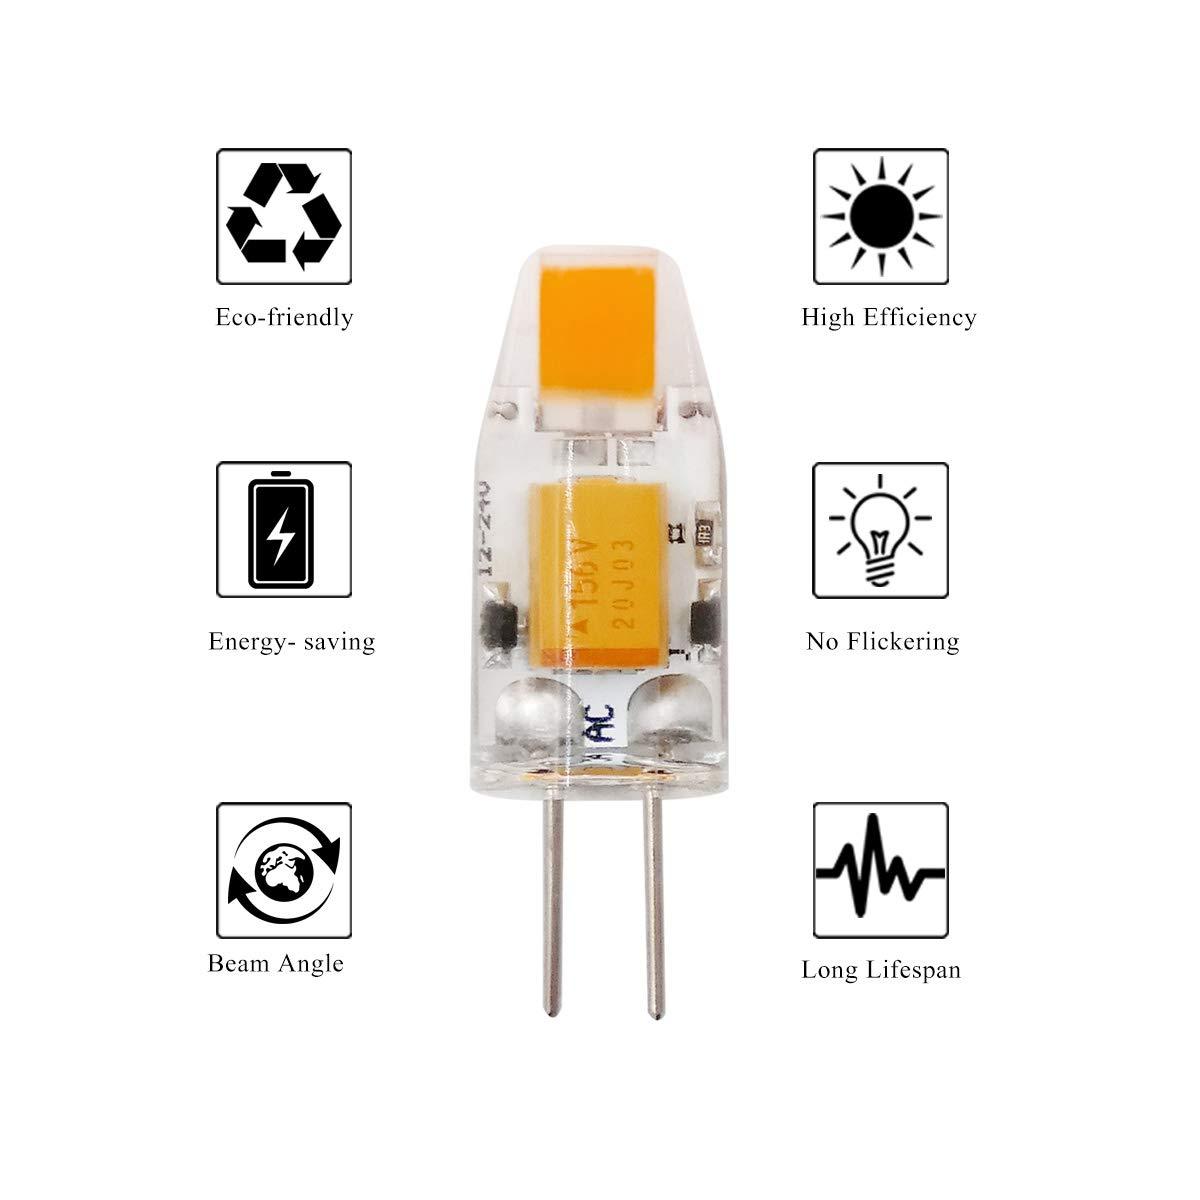 ZHENMING G4 LED Bulb Bin-pin Light Bulb 3W AC//DC 12V 340 Lumens Warm White 3000K Pack of 10 30W Halogen Equivalent